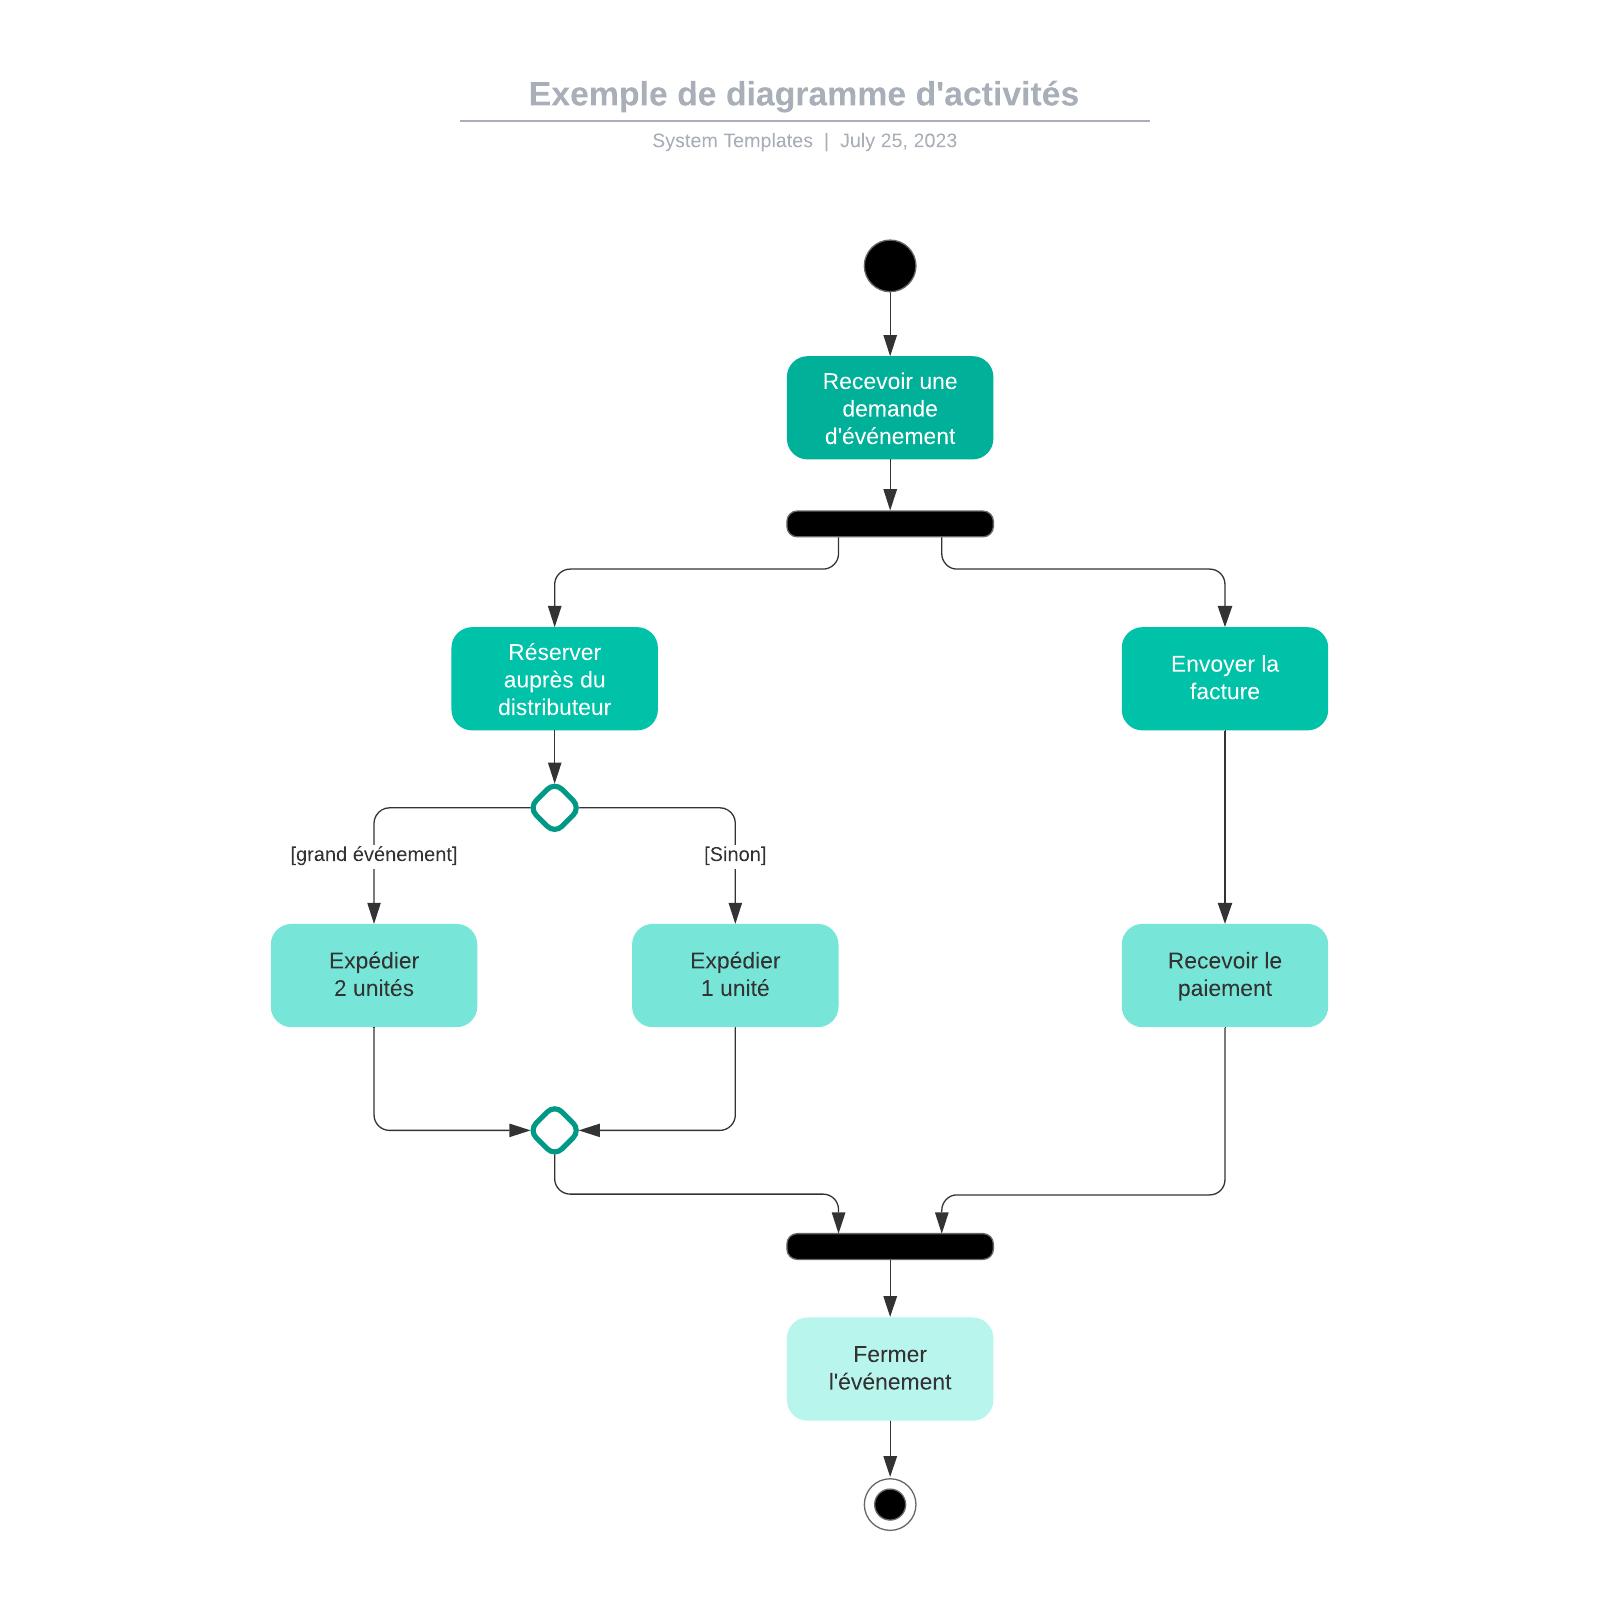 exemple de diagramme d'activités